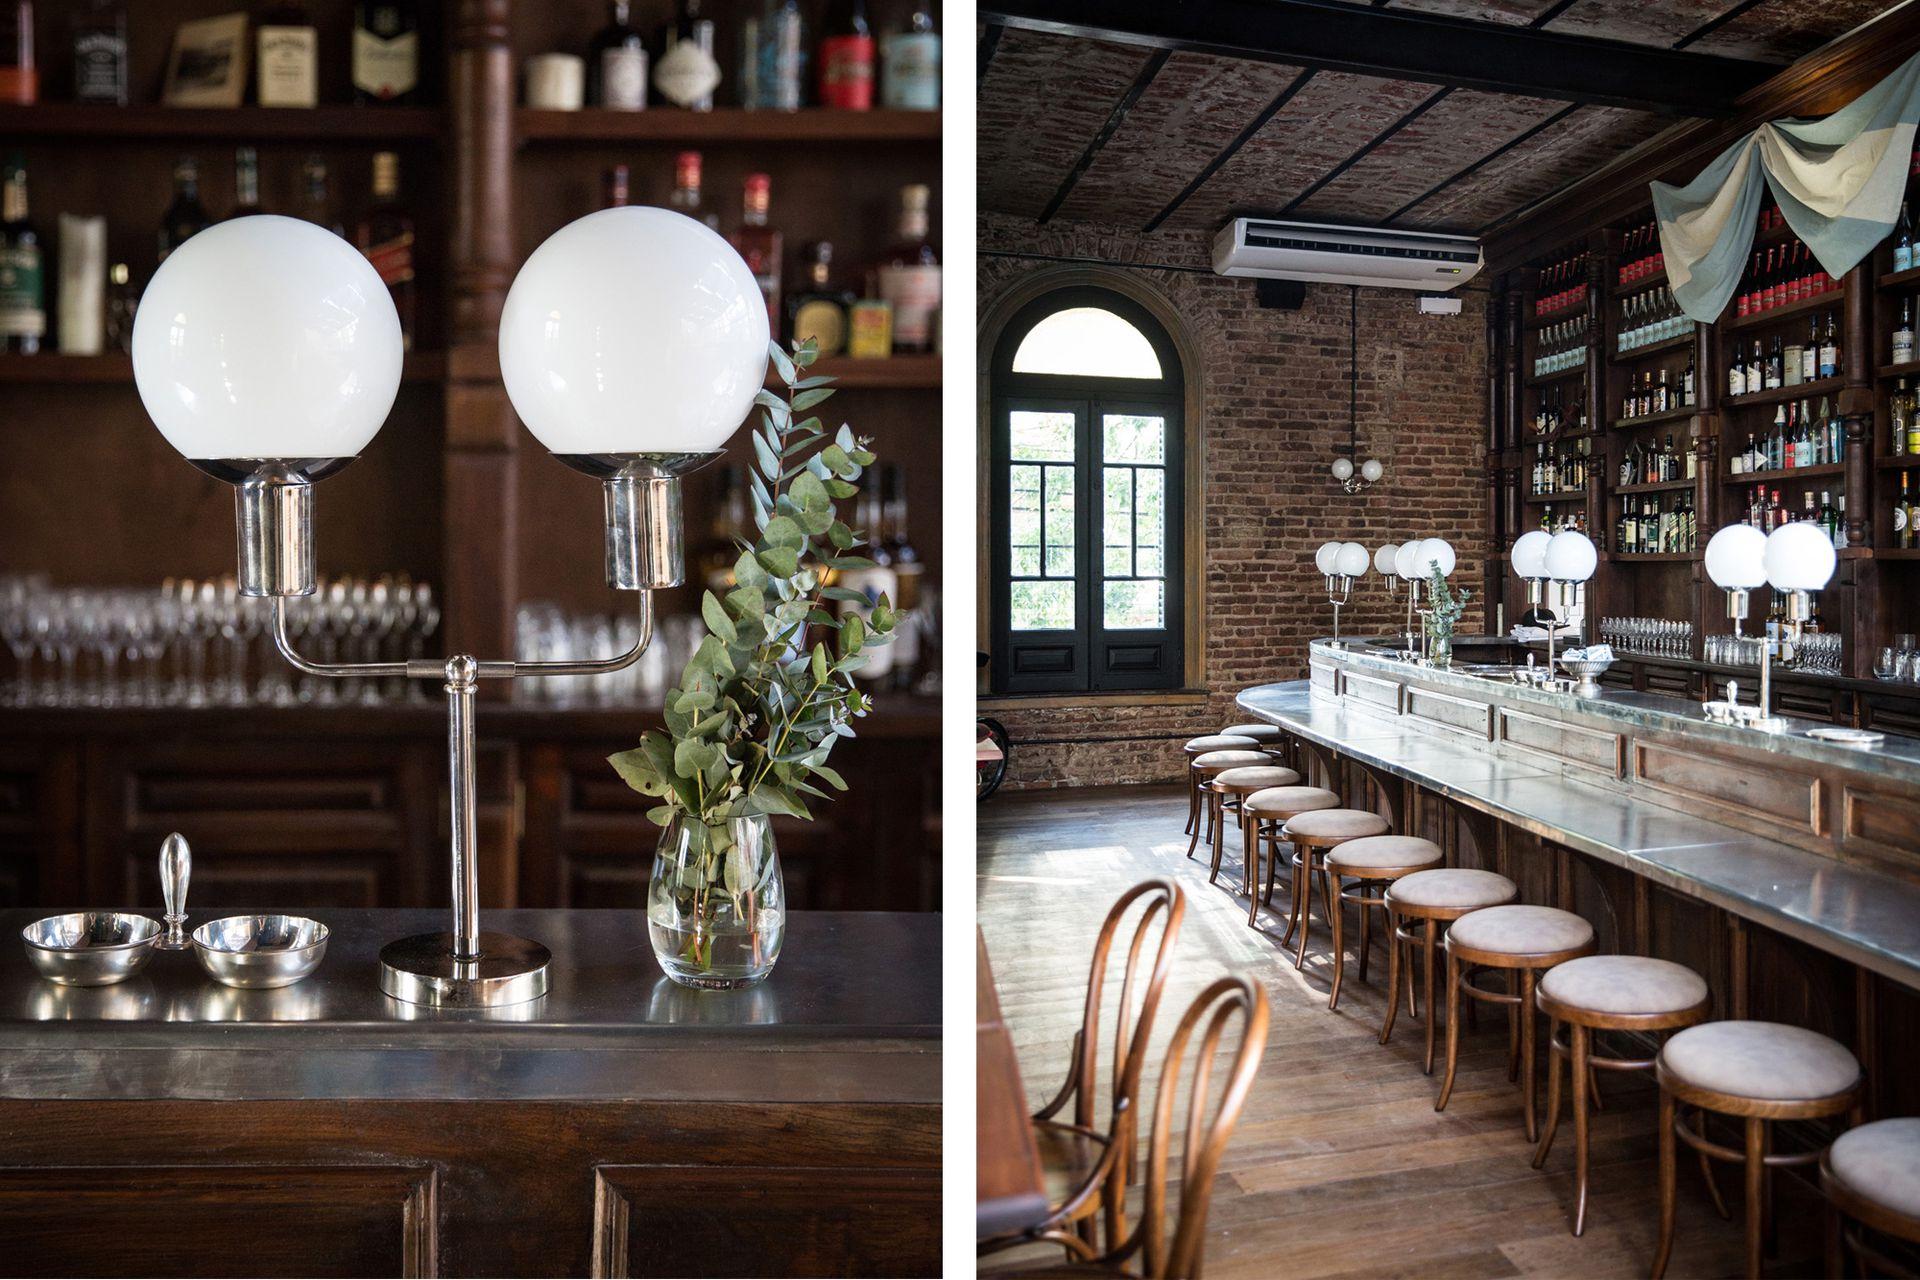 Los diseños antiguos se equilibran con líneas y materiales contemporáneos.